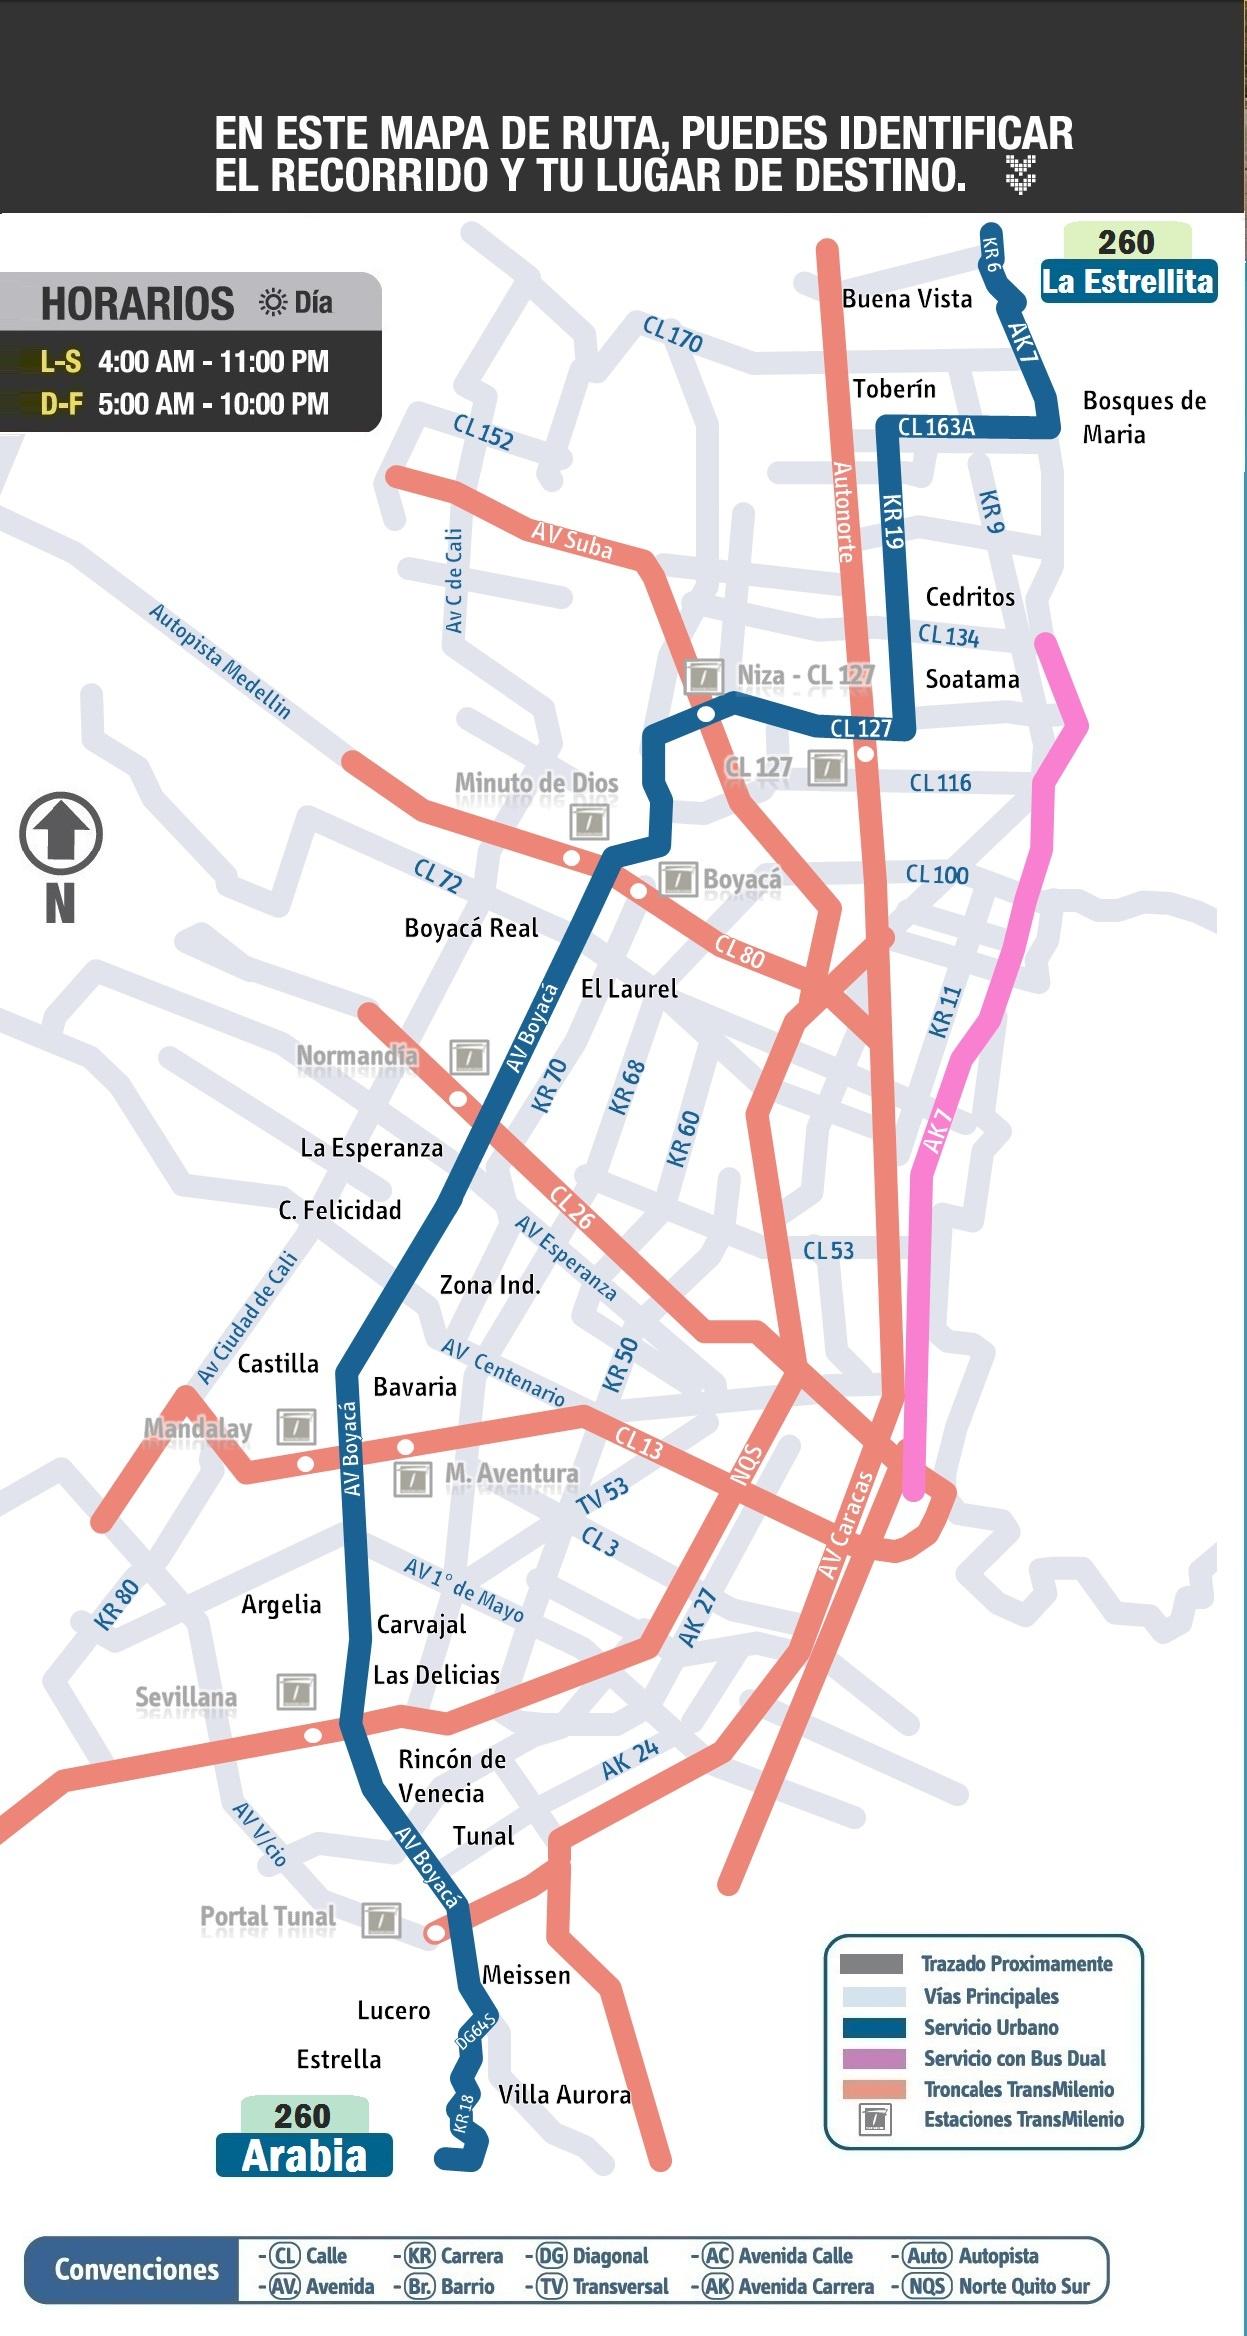 Mapa ruta urbana 260 - extraoficial, cortesía de Oskar Rojas